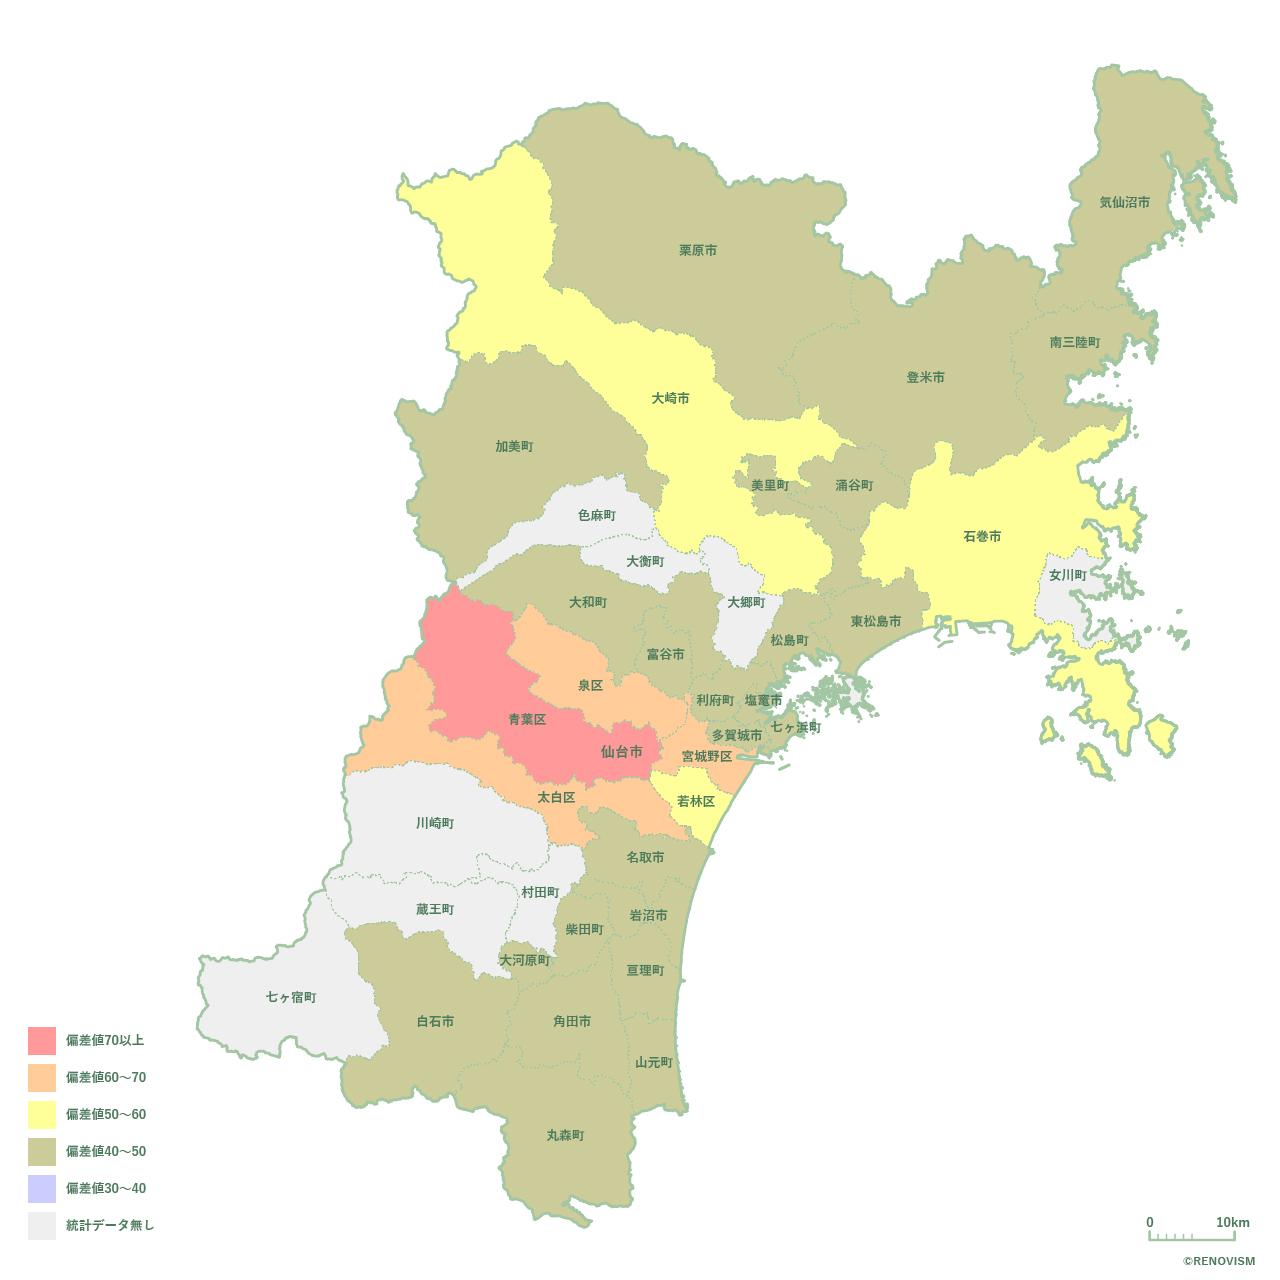 宮城県の賃貸需要マップ2020年